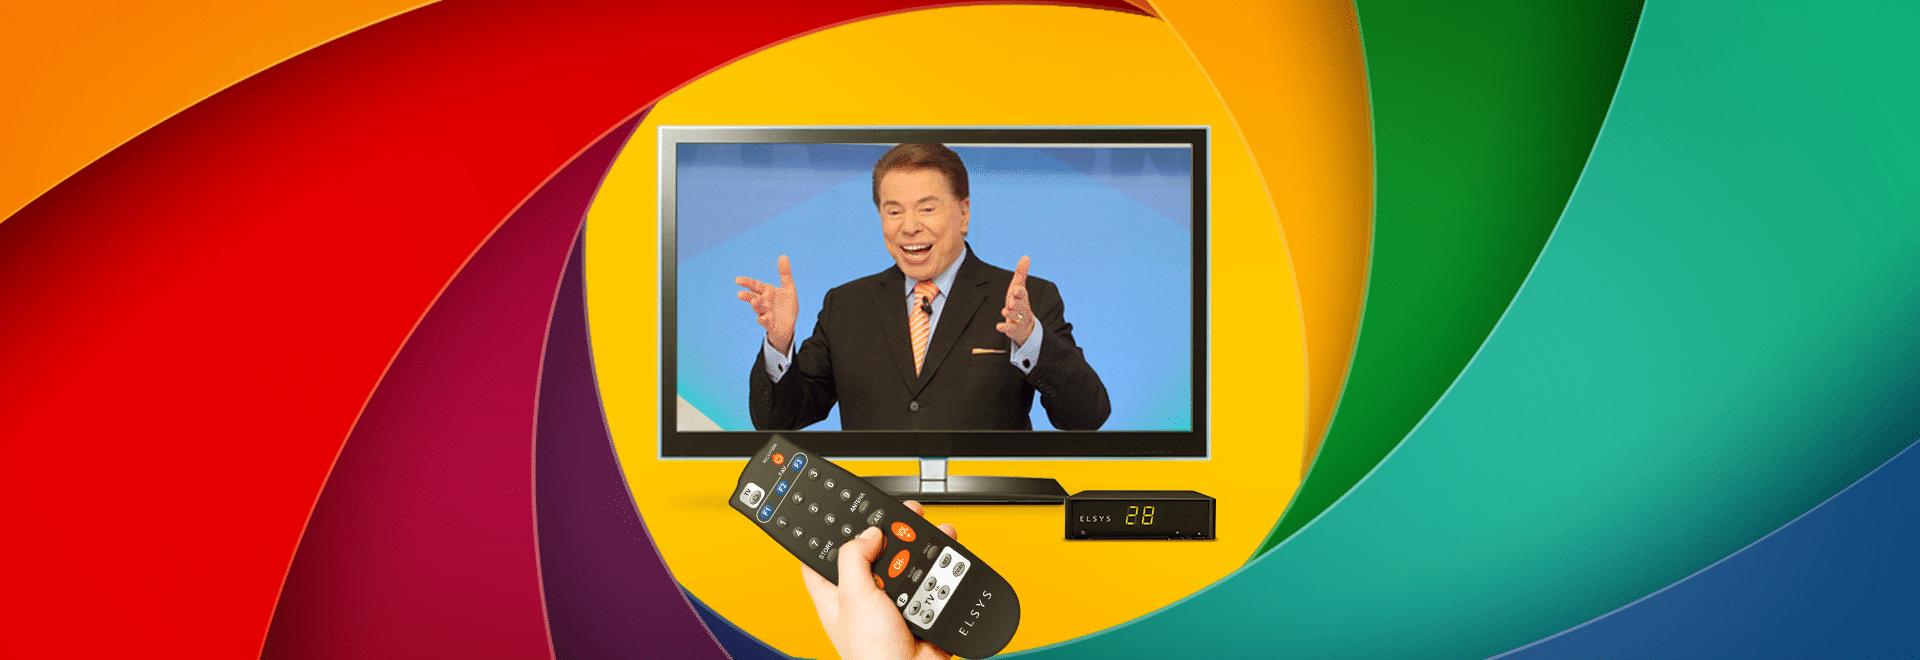 como-sintonizar-sbt-no-sinal-digital